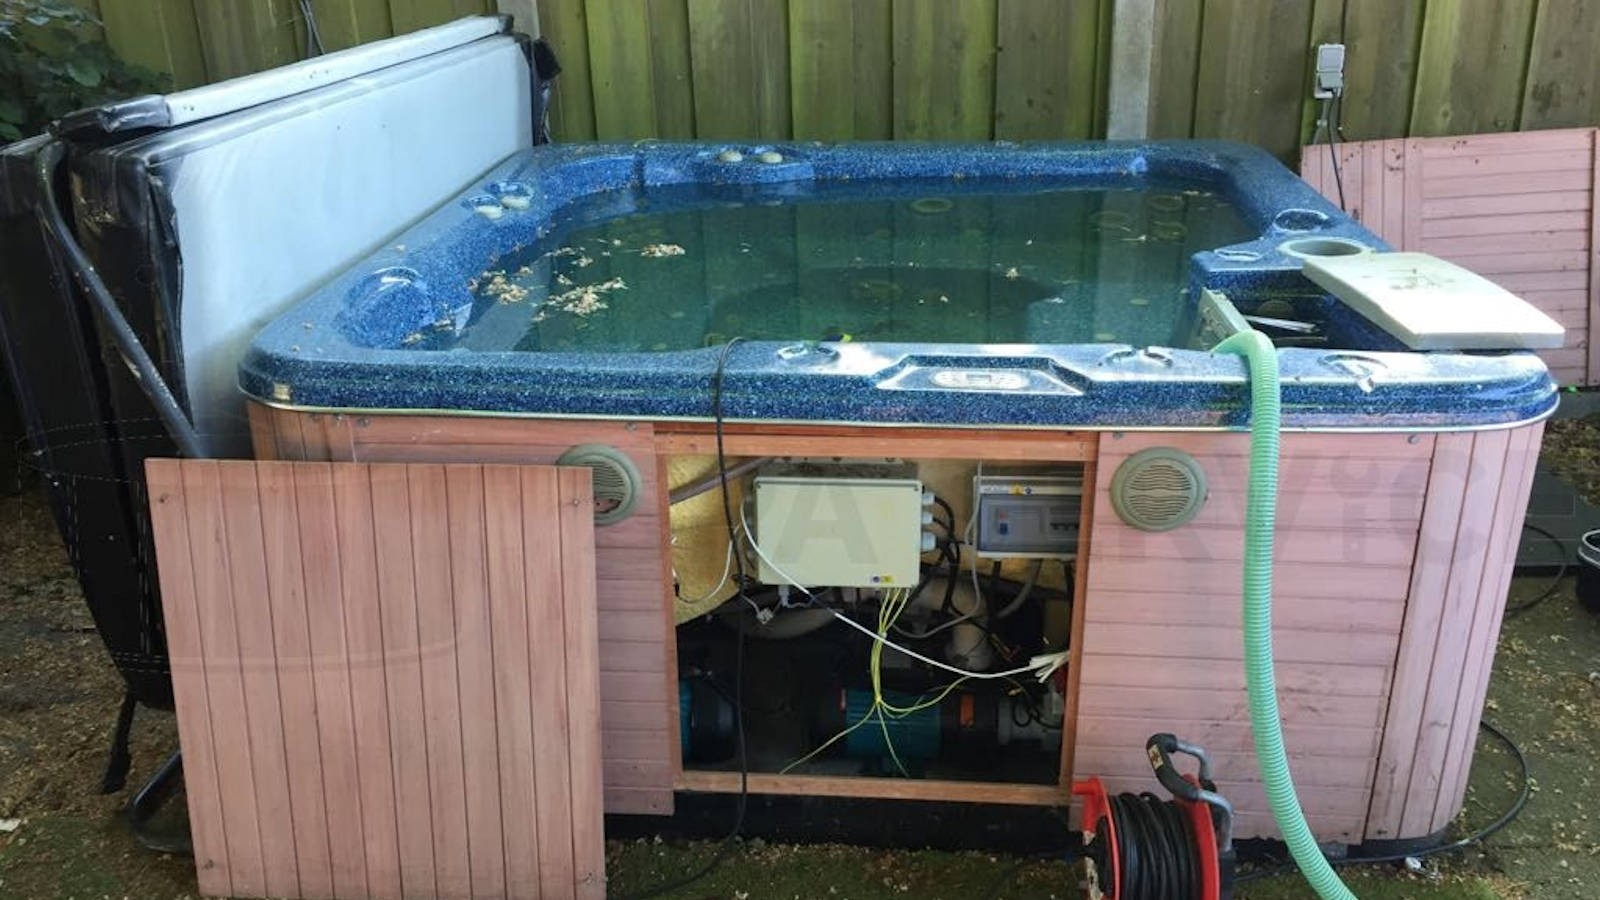 Reparatie verwarming van een Jazzi spa in Enschede